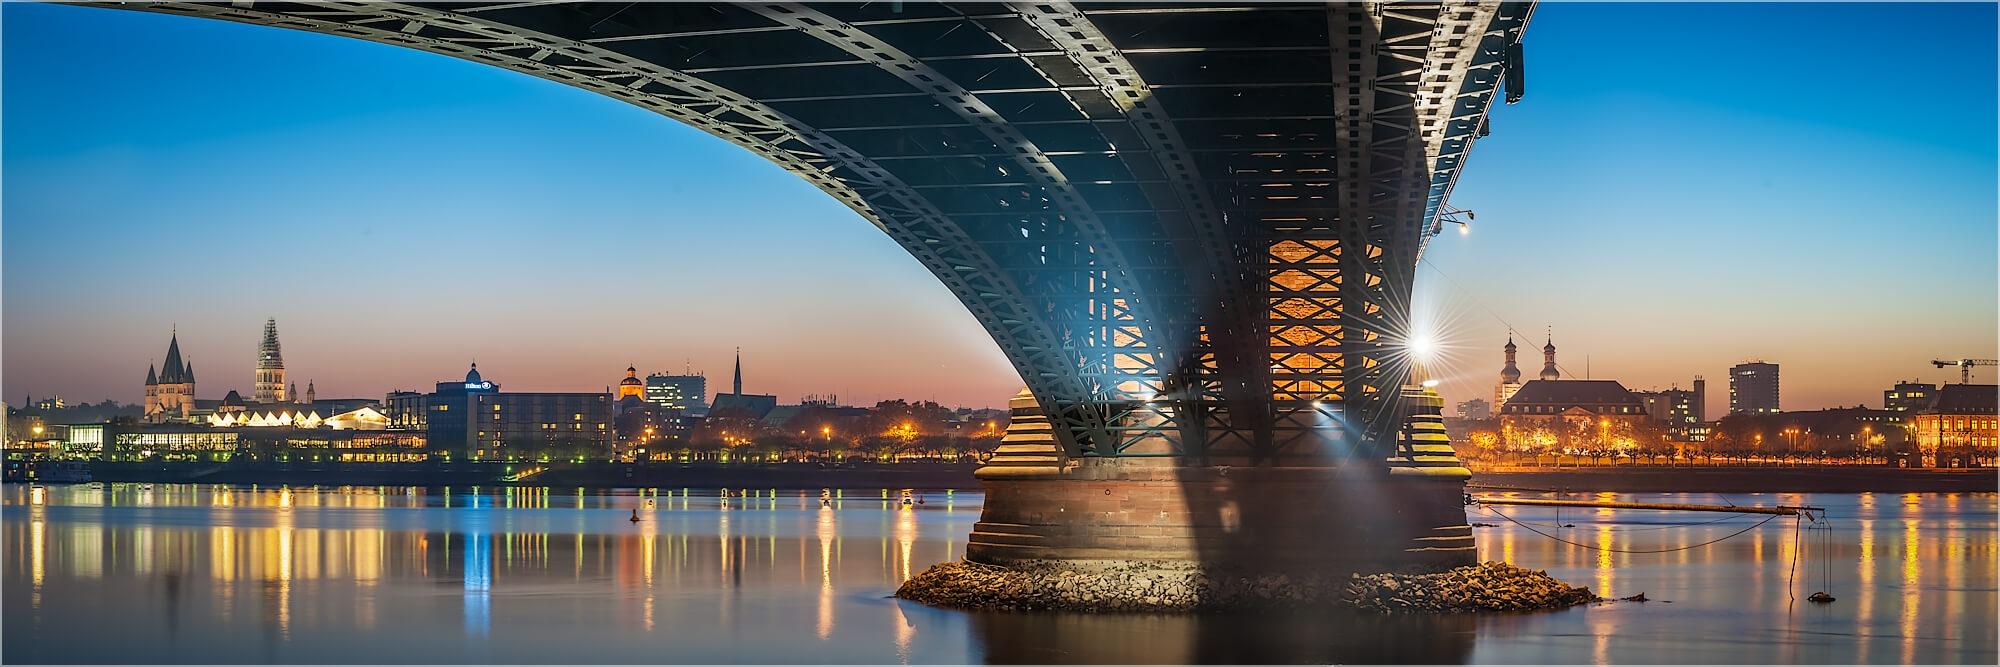 Panoramabild Skyline Mainz Theodor Heuss Brücke